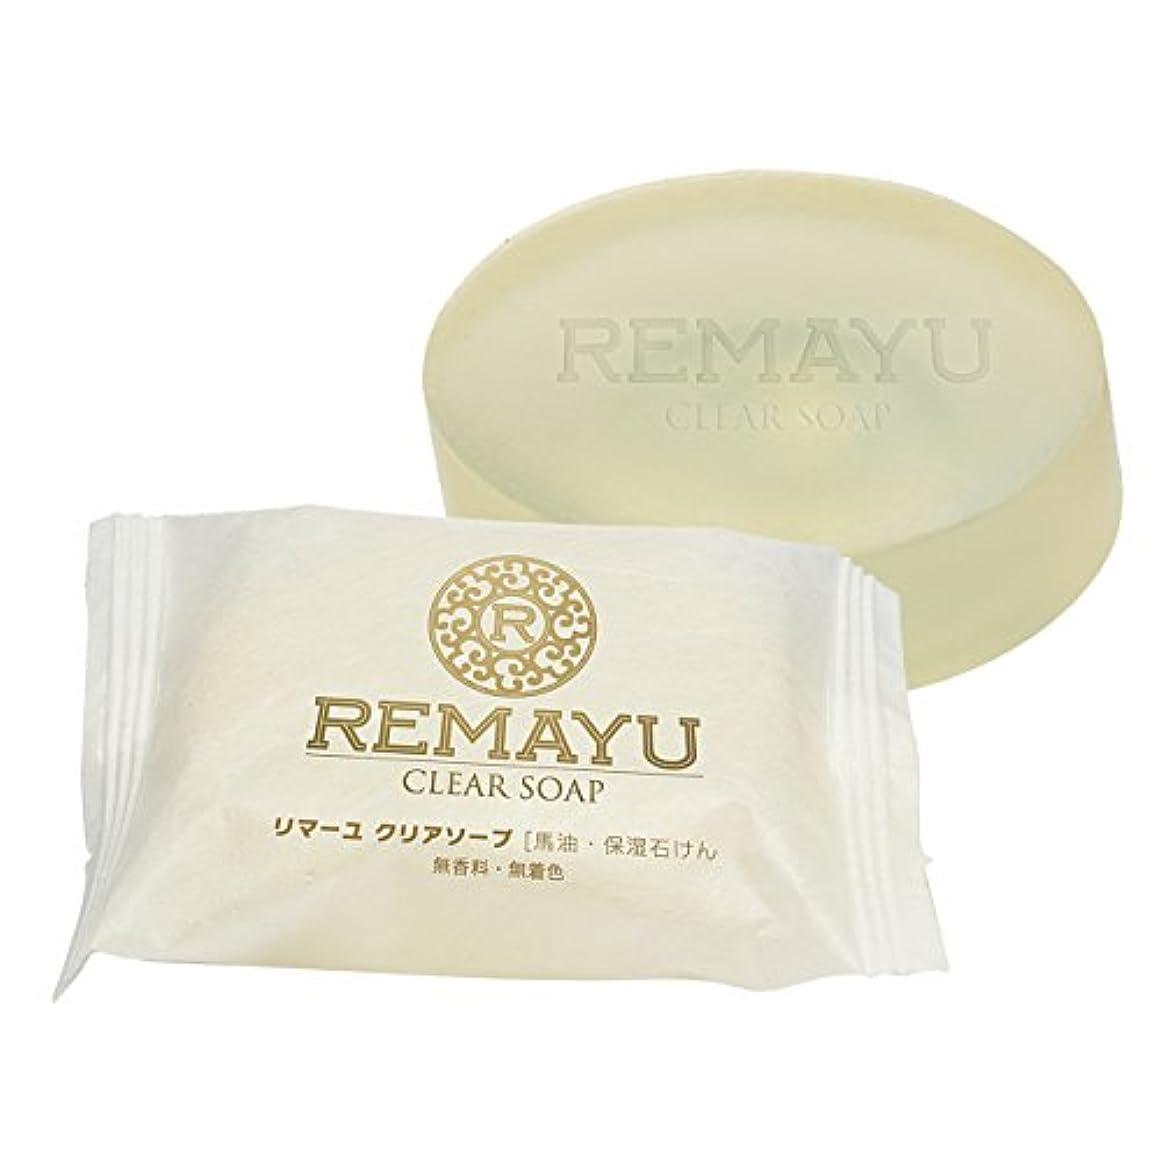 お別れより多い好むリマーユ クリアソープ 90g 馬油 リバテープ製薬 日本製 ばゆ石鹸 ばゆ洗顔